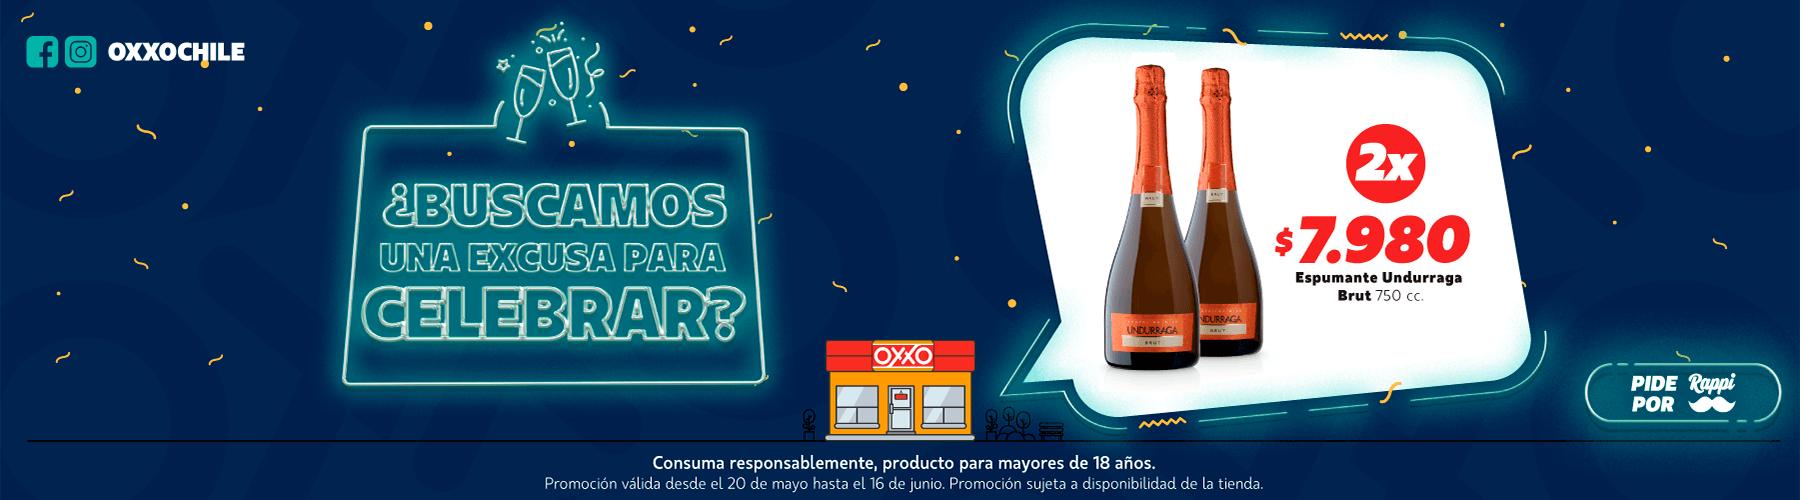 OXXO Chile Reunión P6 2021